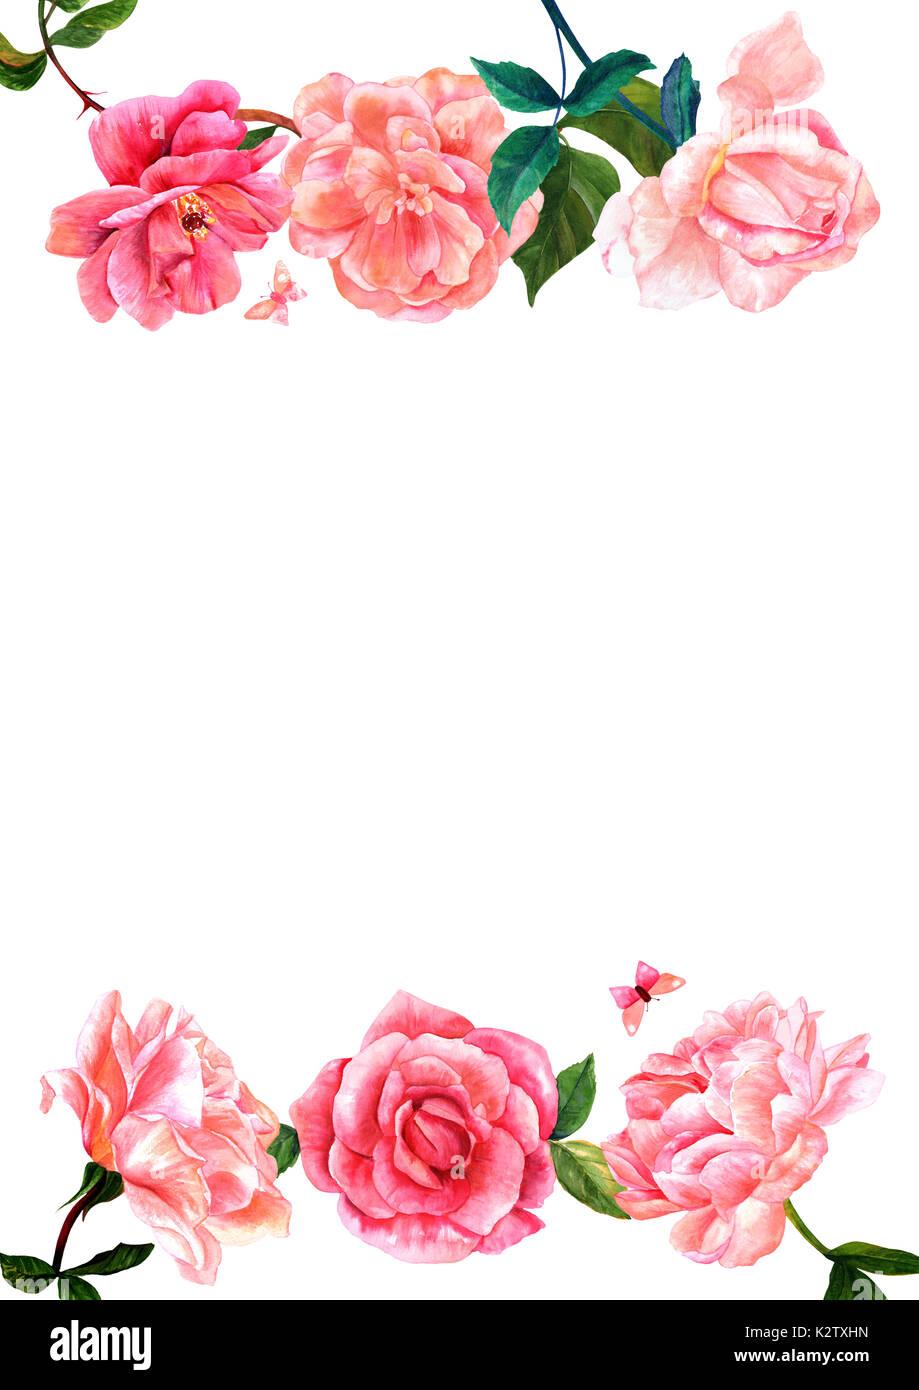 Blumen Einladung oder Grußkarte Design mit Aquarell Blumen, Rosen, Pfingstrosen, Kamelien, mit Schmetterlingen, Blätter, und kopieren. Vintage Style Stockbild